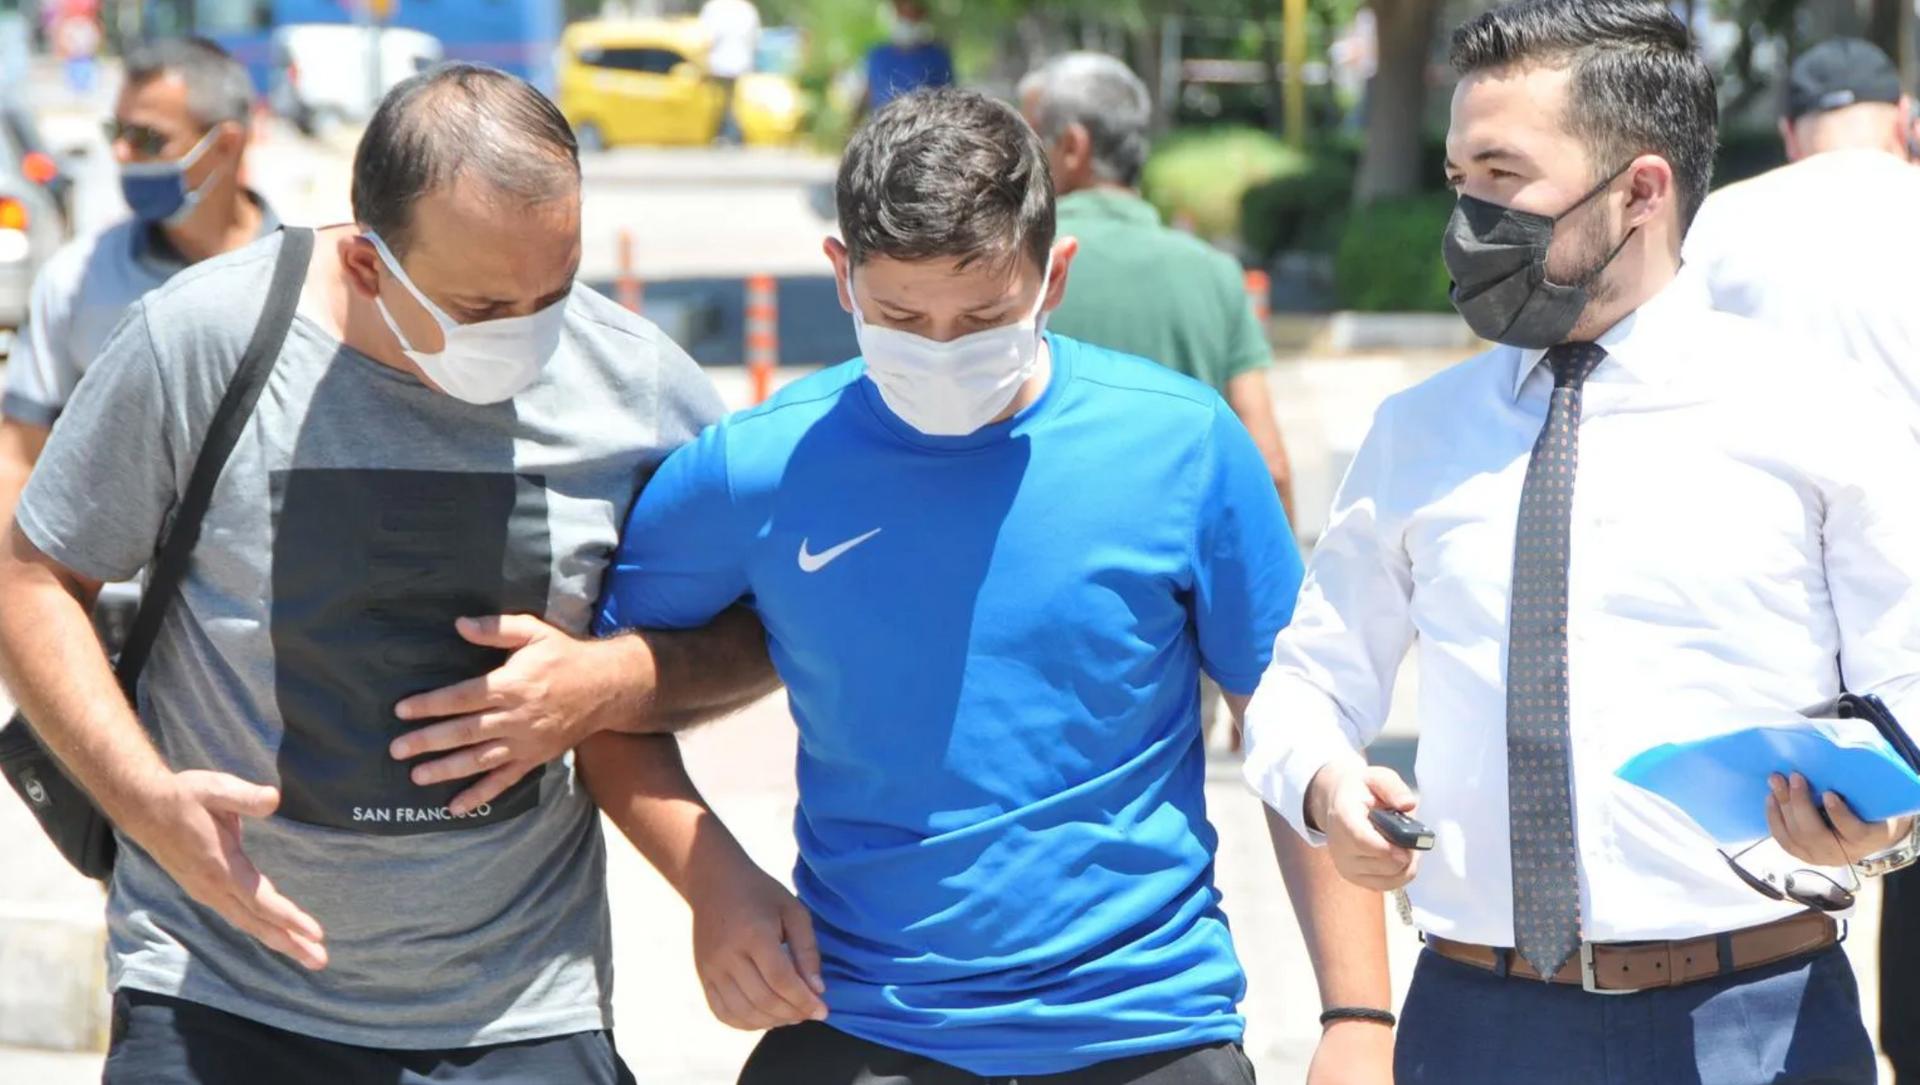 Go-kart kemerinin yanlış bağlanması sonucu bağırsakları yırtılan genç iç kanama geçirdi - Sputnik Türkiye, 1920, 24.07.2021